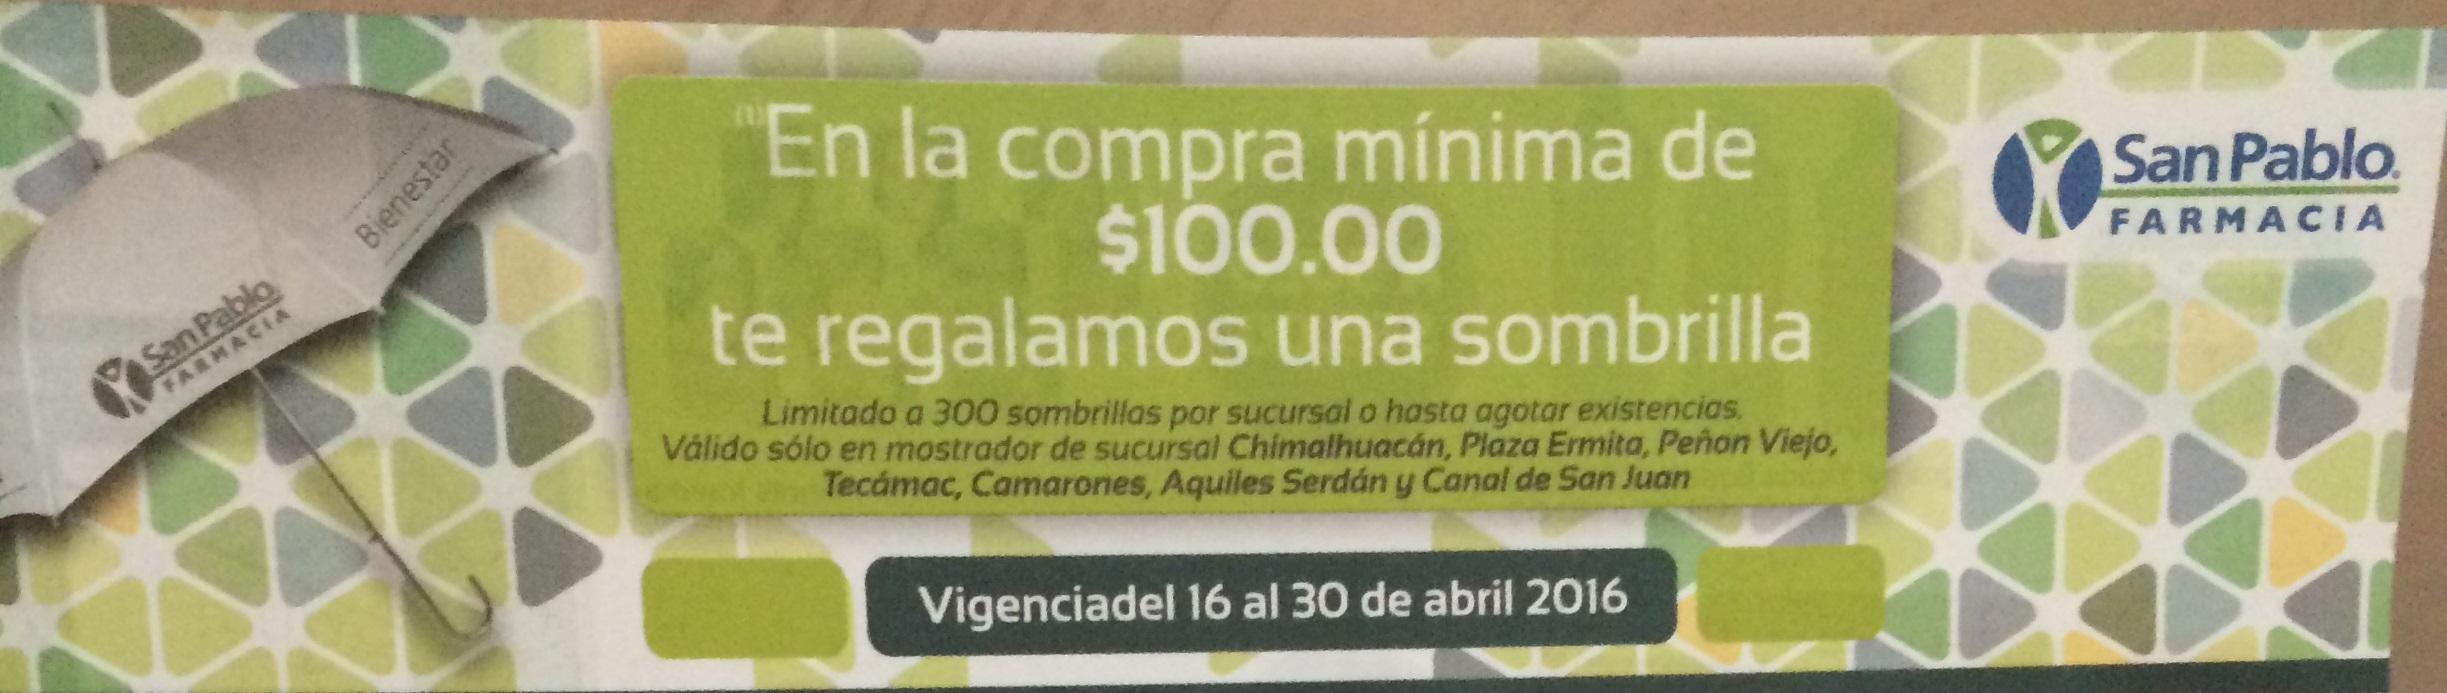 Farmacia San Pablo: sombrilla gratis en la compra mínima de $100 pesos